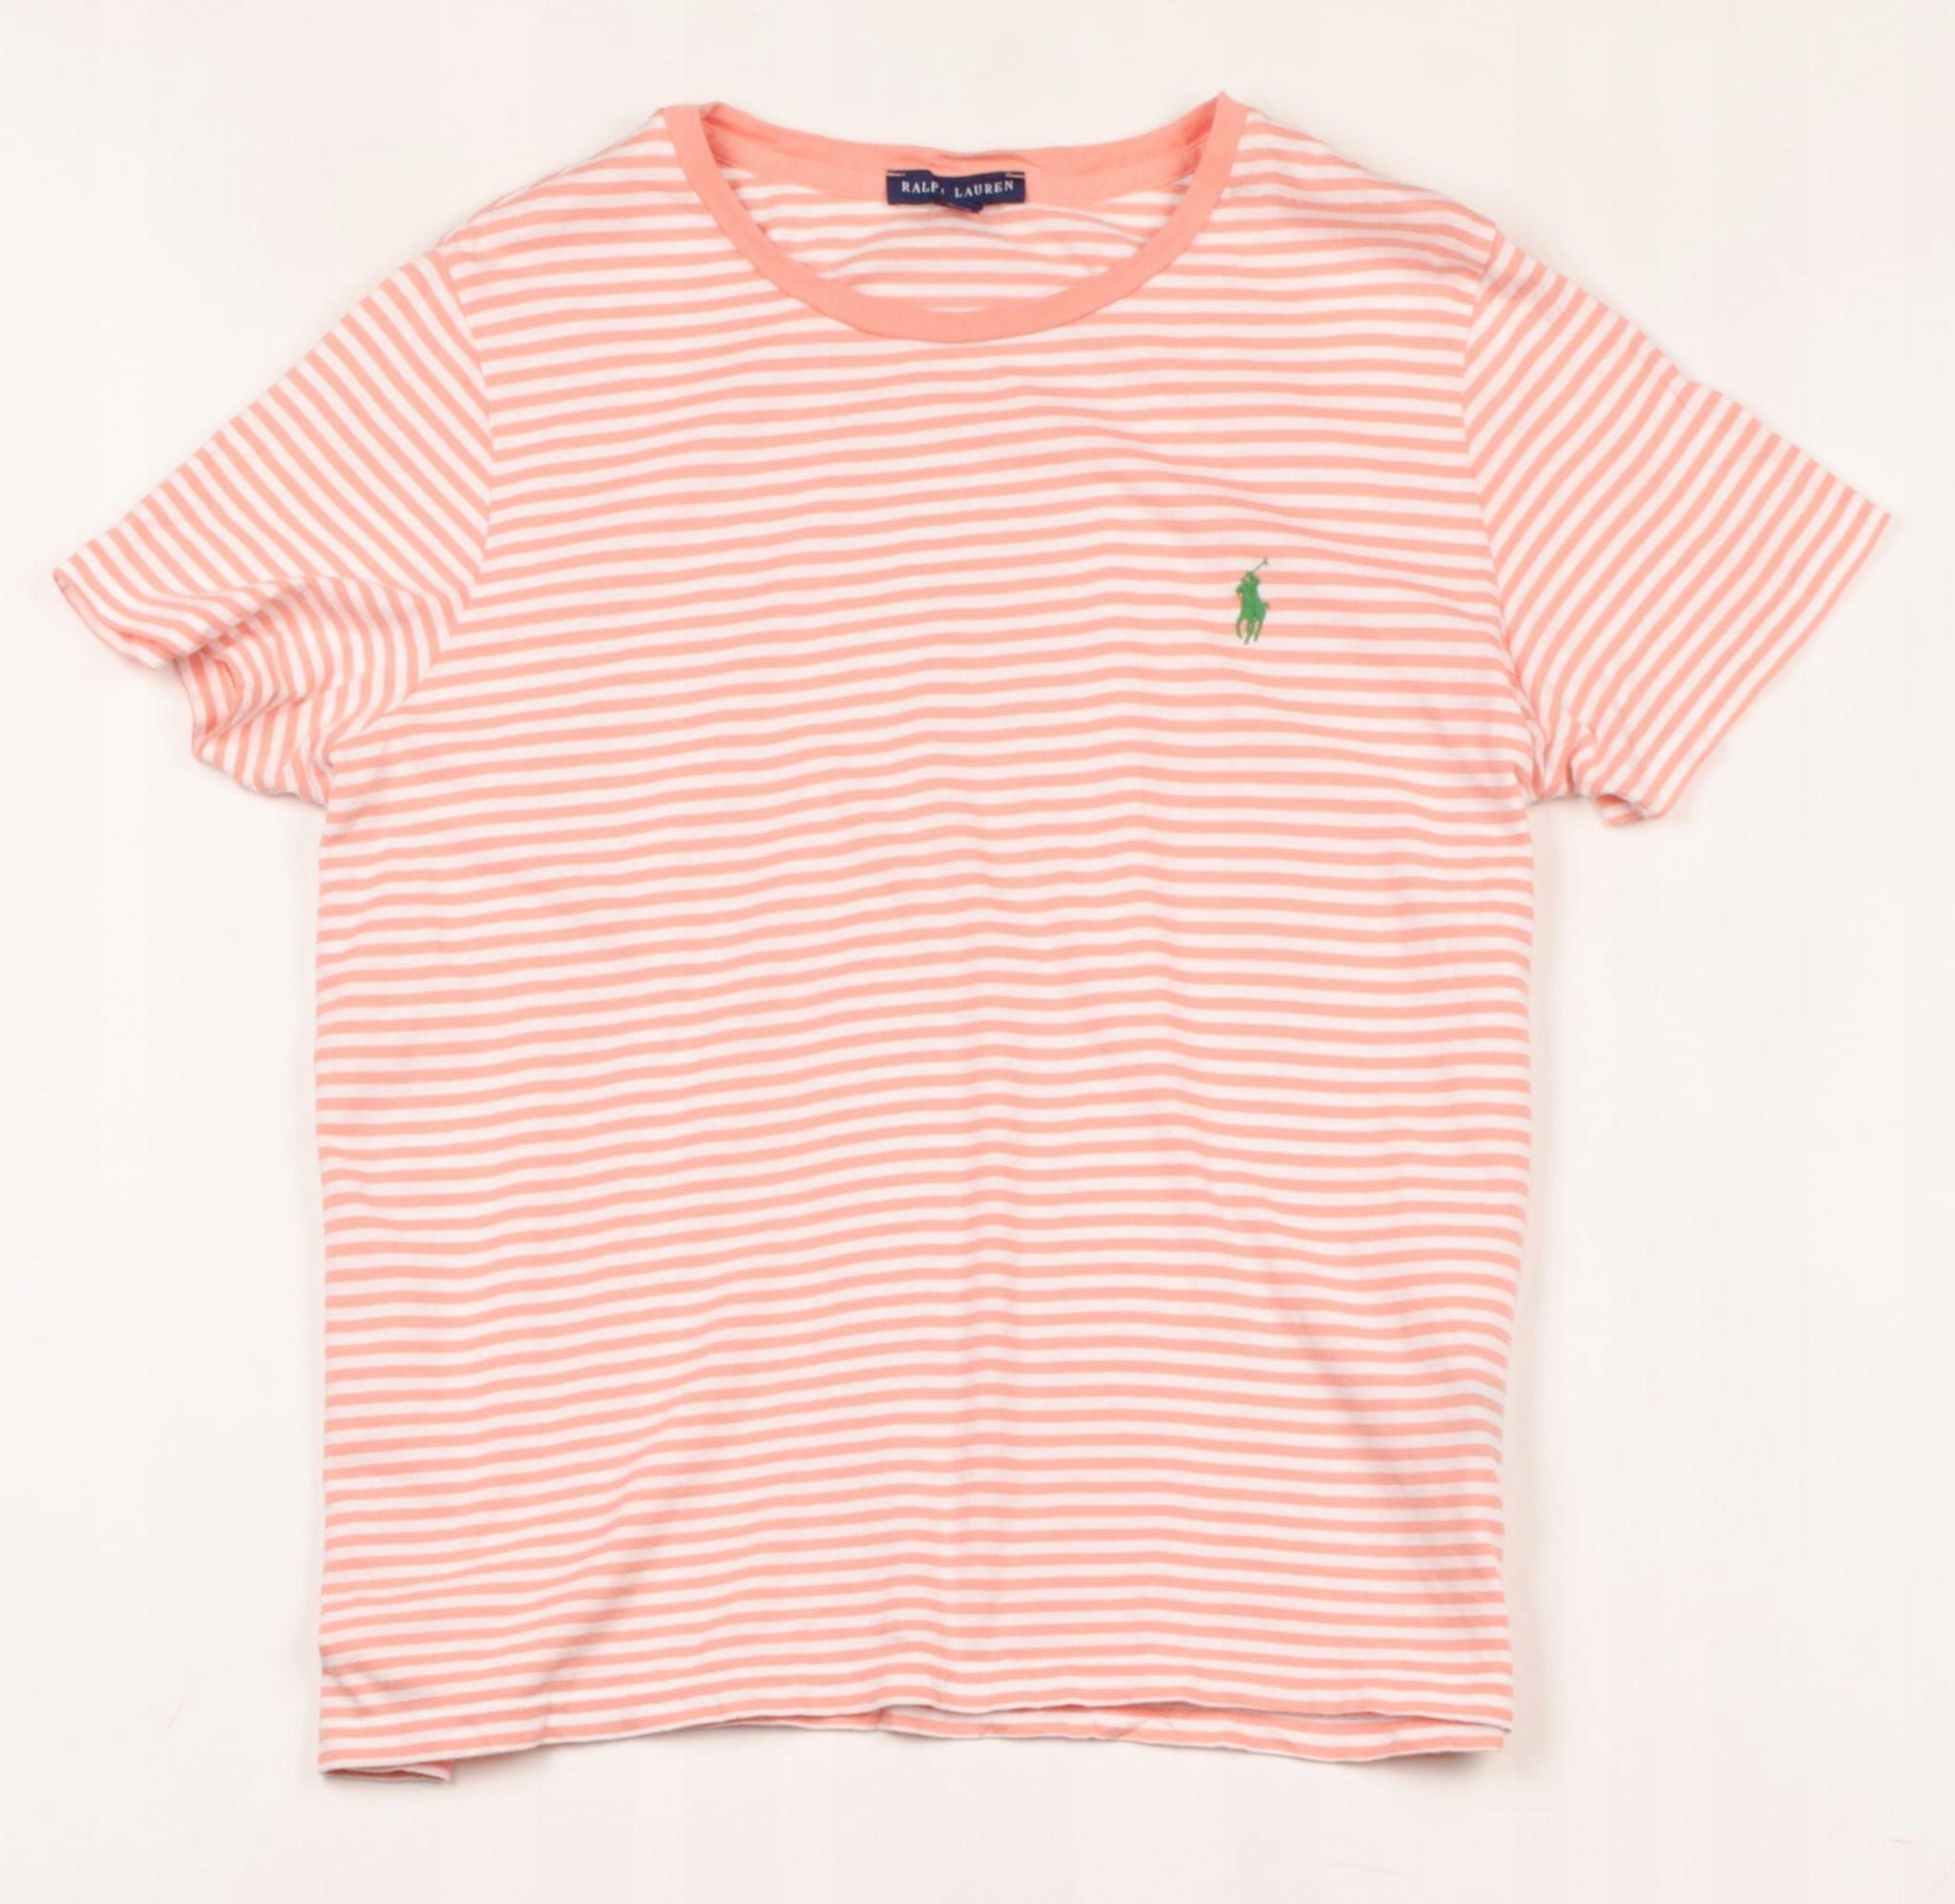 33427 Ralph Lauren T-shirt Koszulka Damska XL